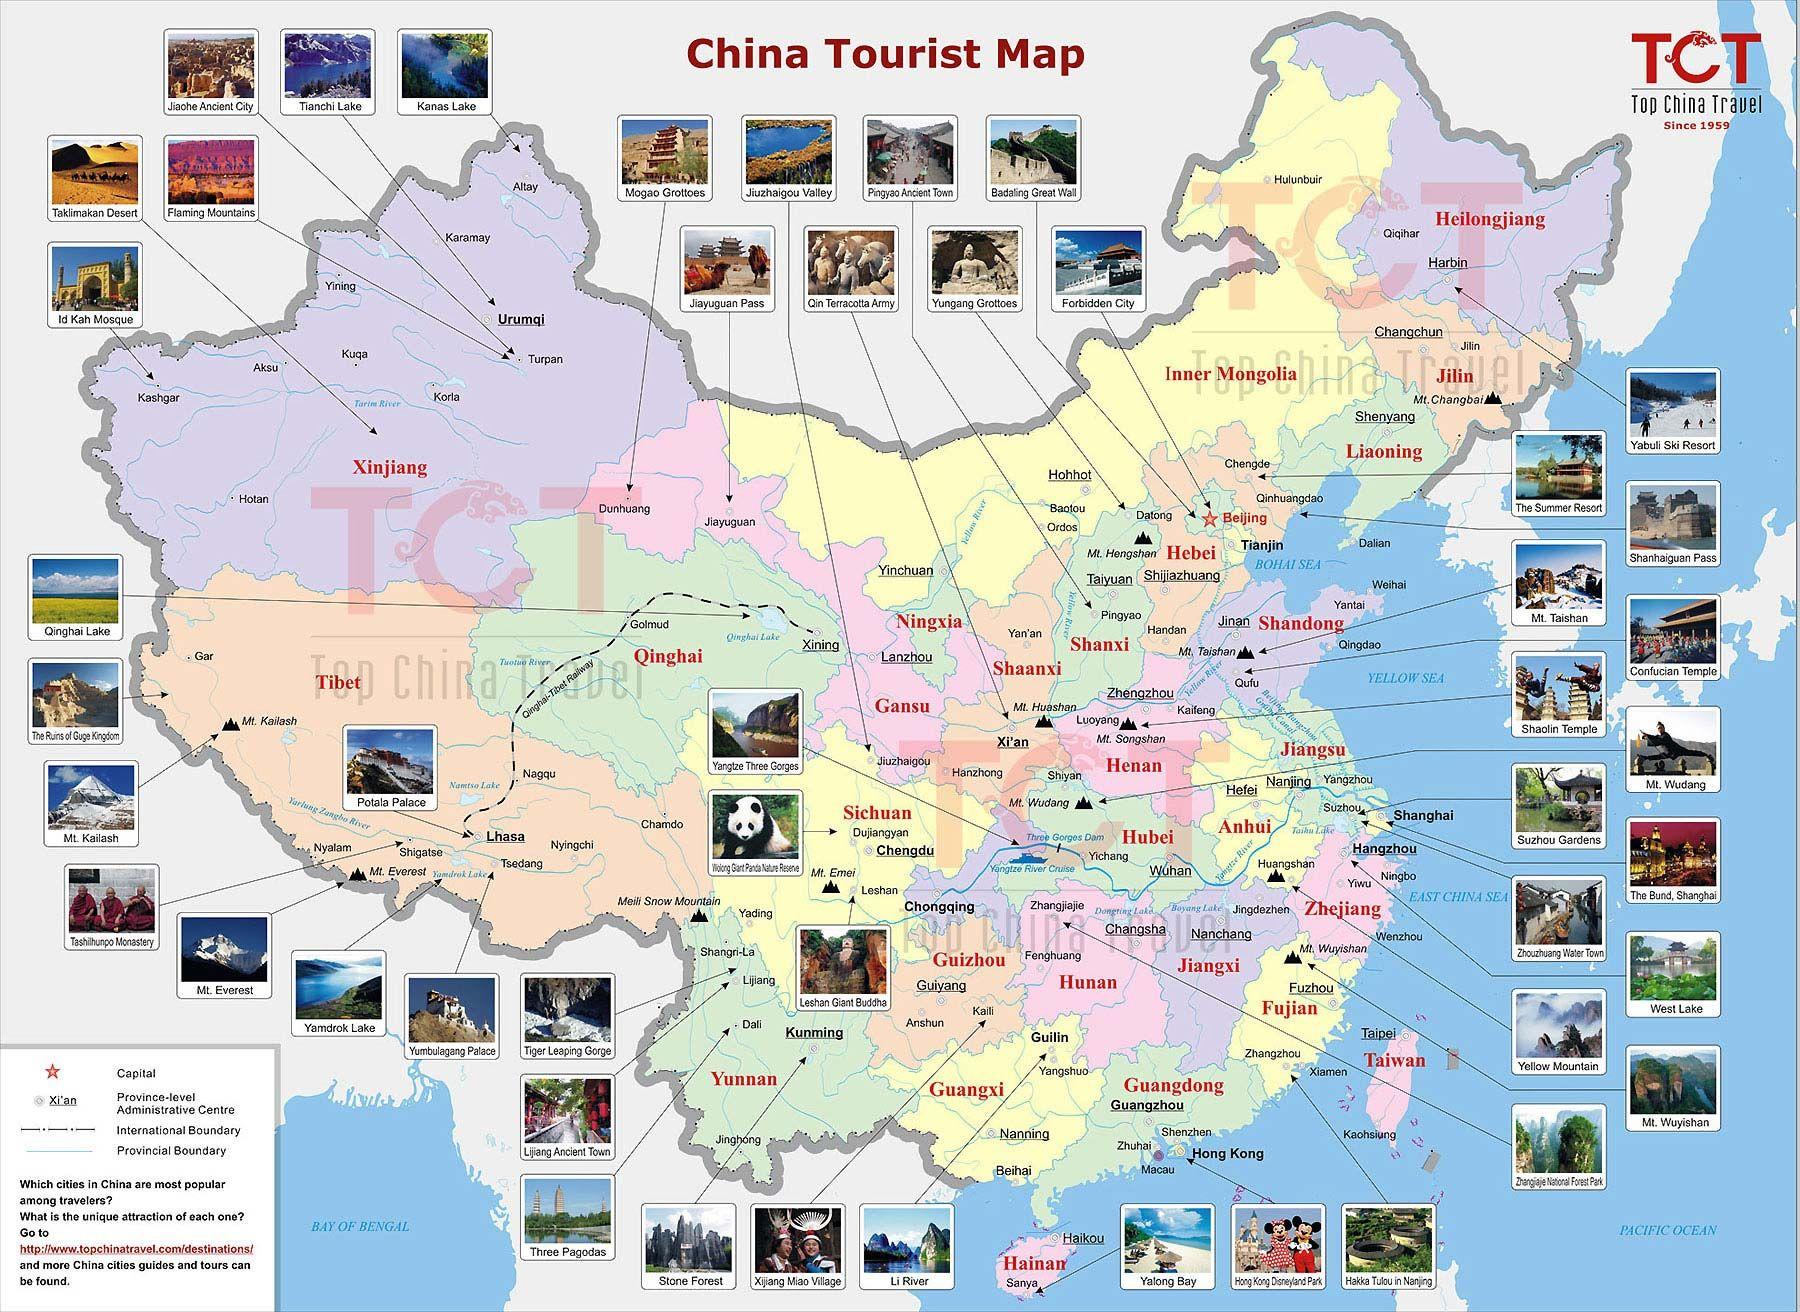 China Tourist Map Tourist Map of China